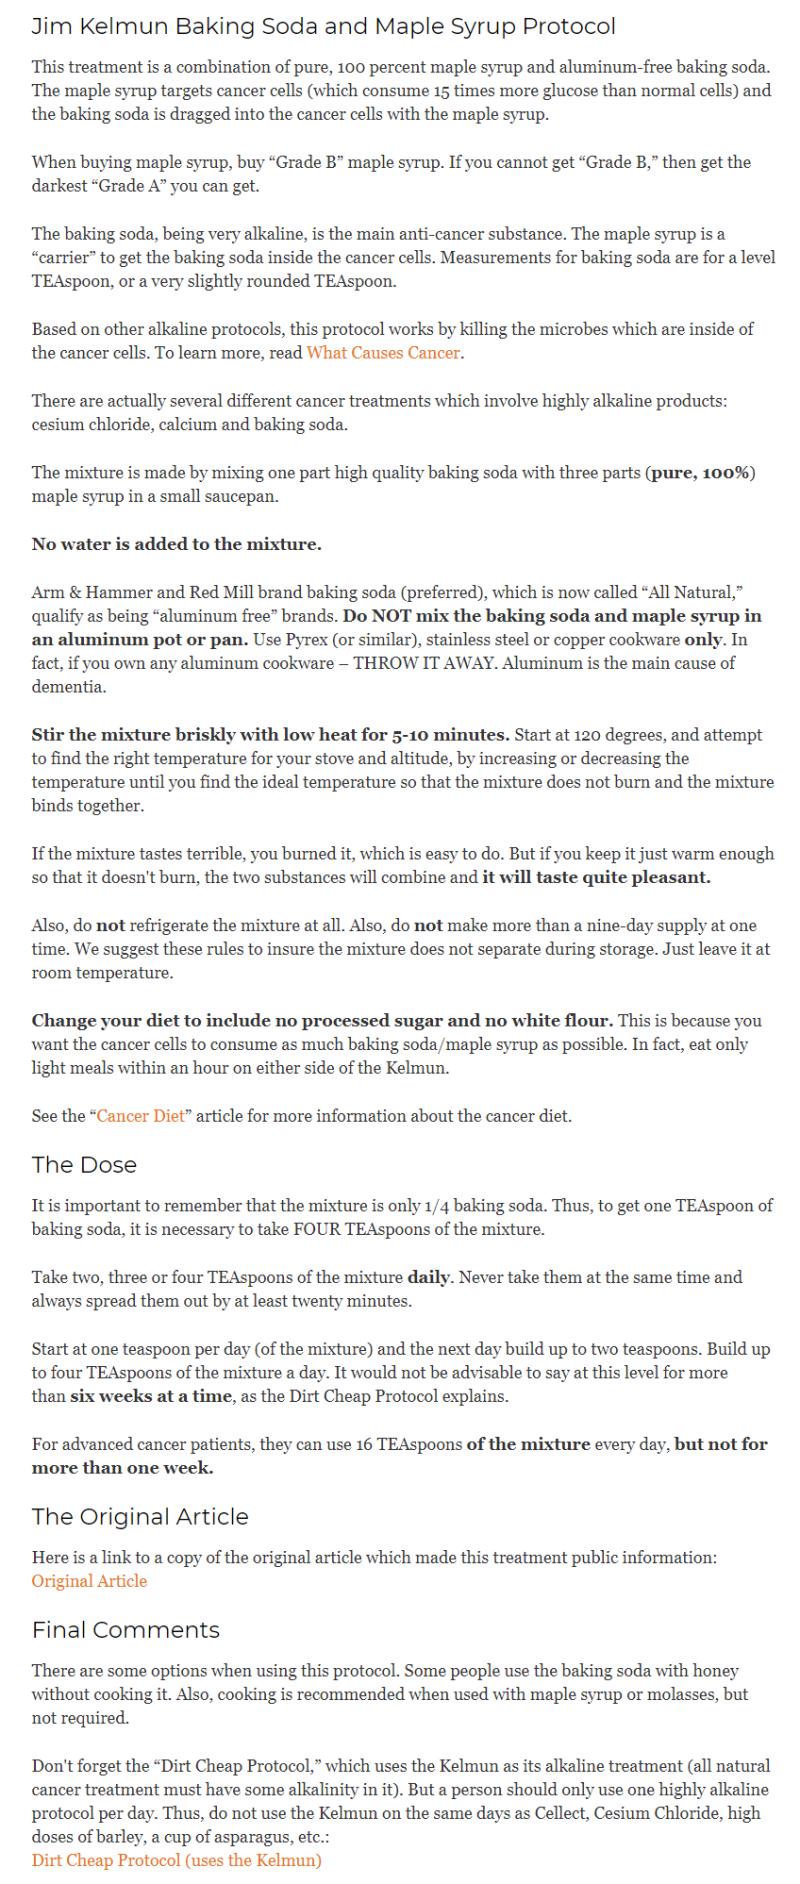 칸디다증 자연치유법 - 베이킹소다요법 : 네이버 블로그